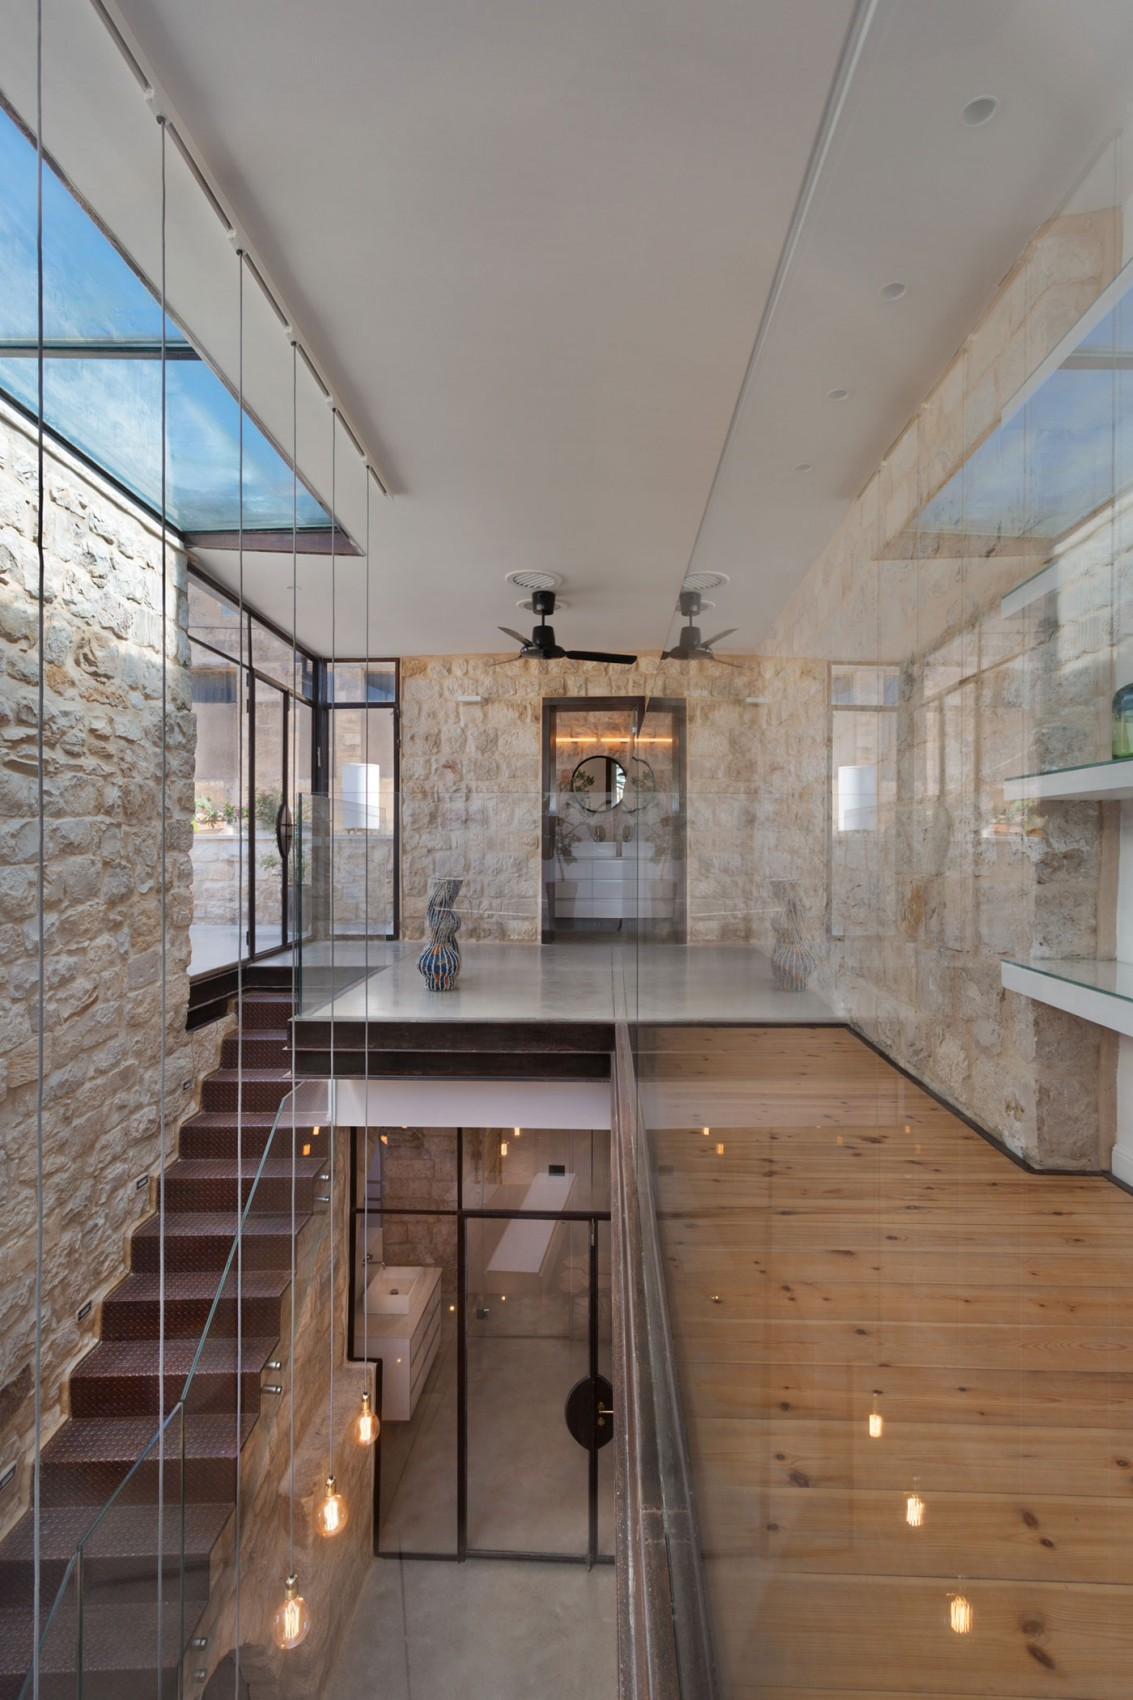 kamena-kuca-by-henkin-shavit-architecture-17